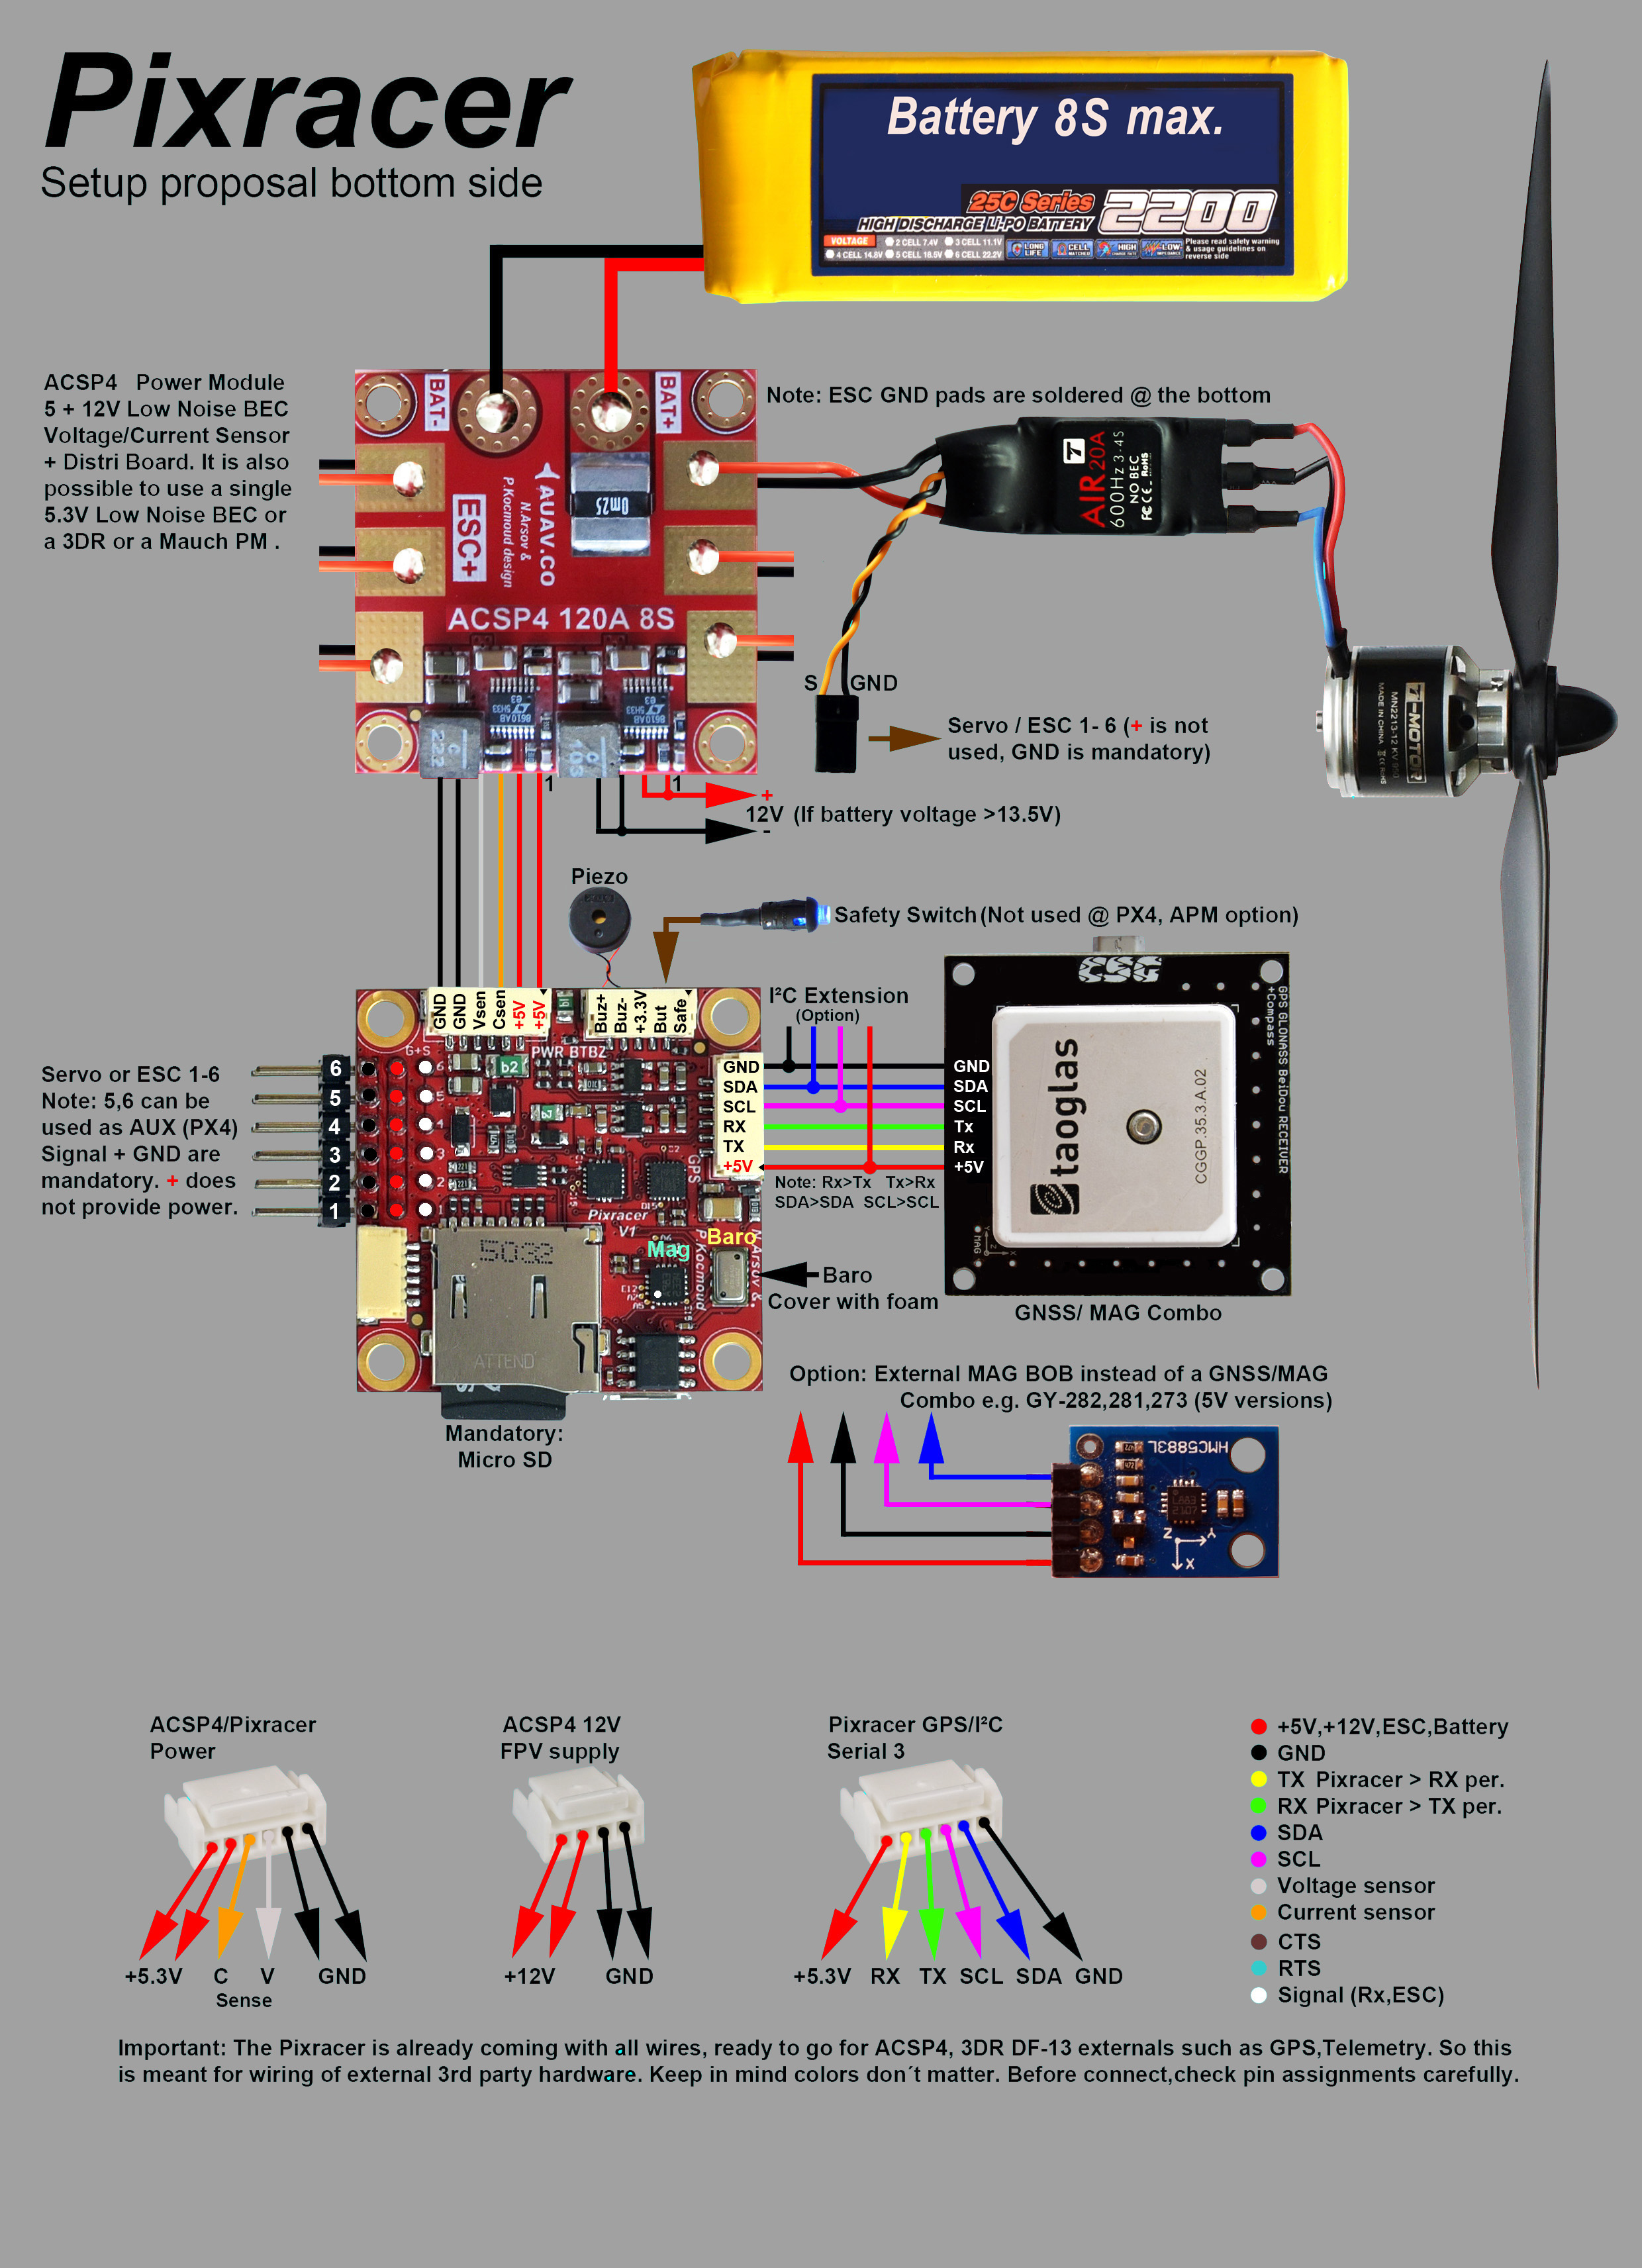 Pixracer Wiring Quickstart · px4user